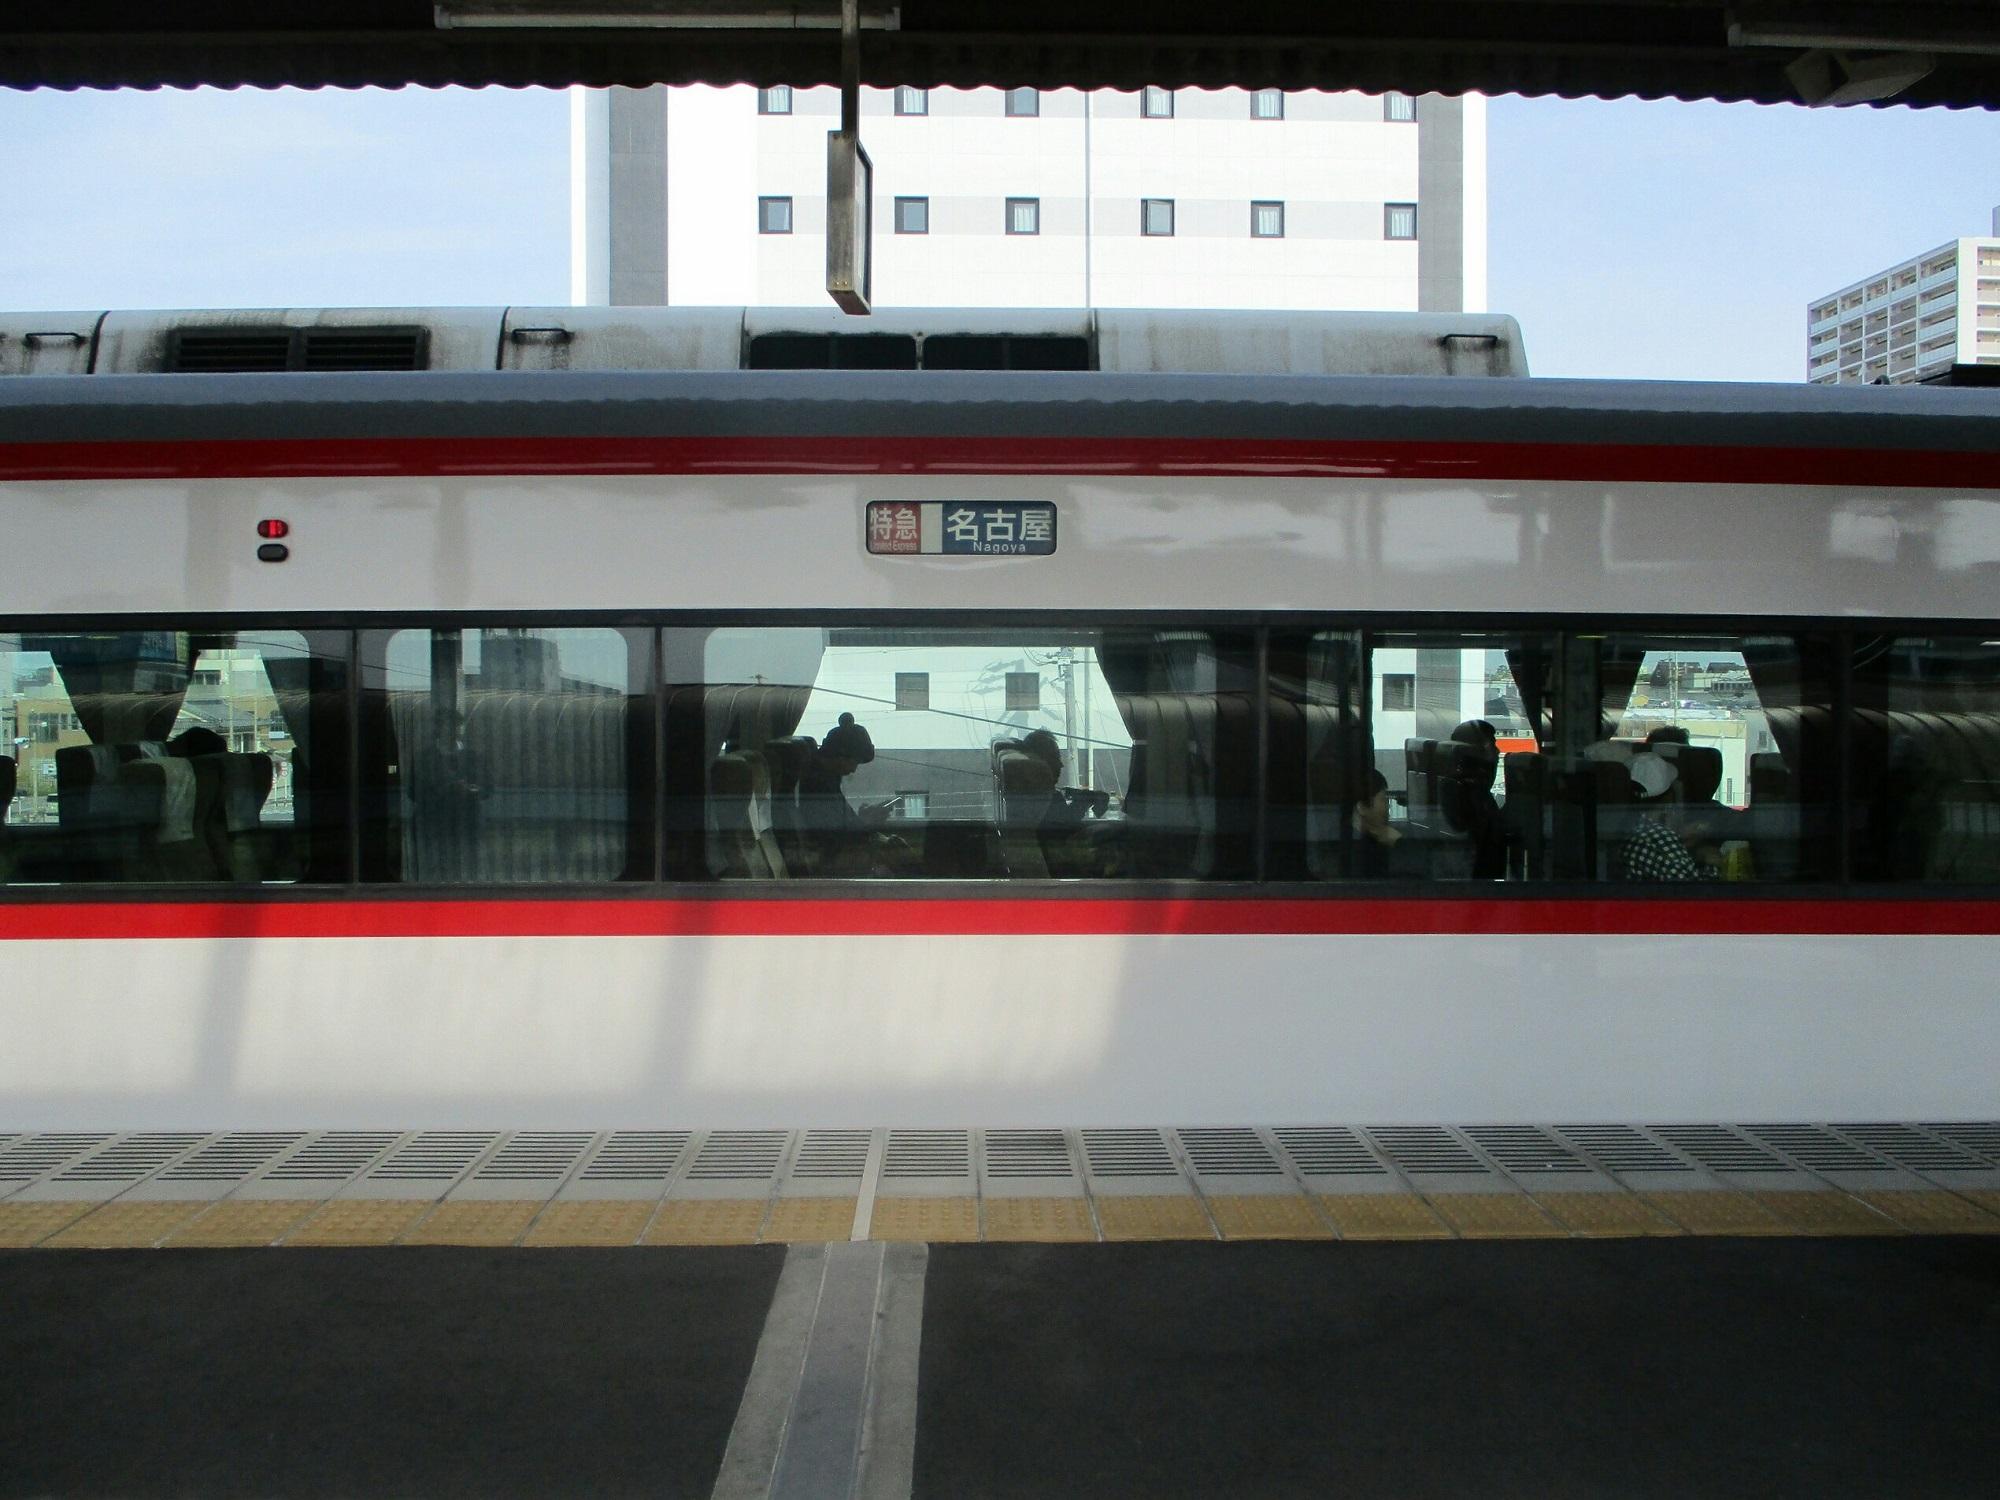 2019.5.3 (4) 西尾 - 名古屋いき特急 2000-1500